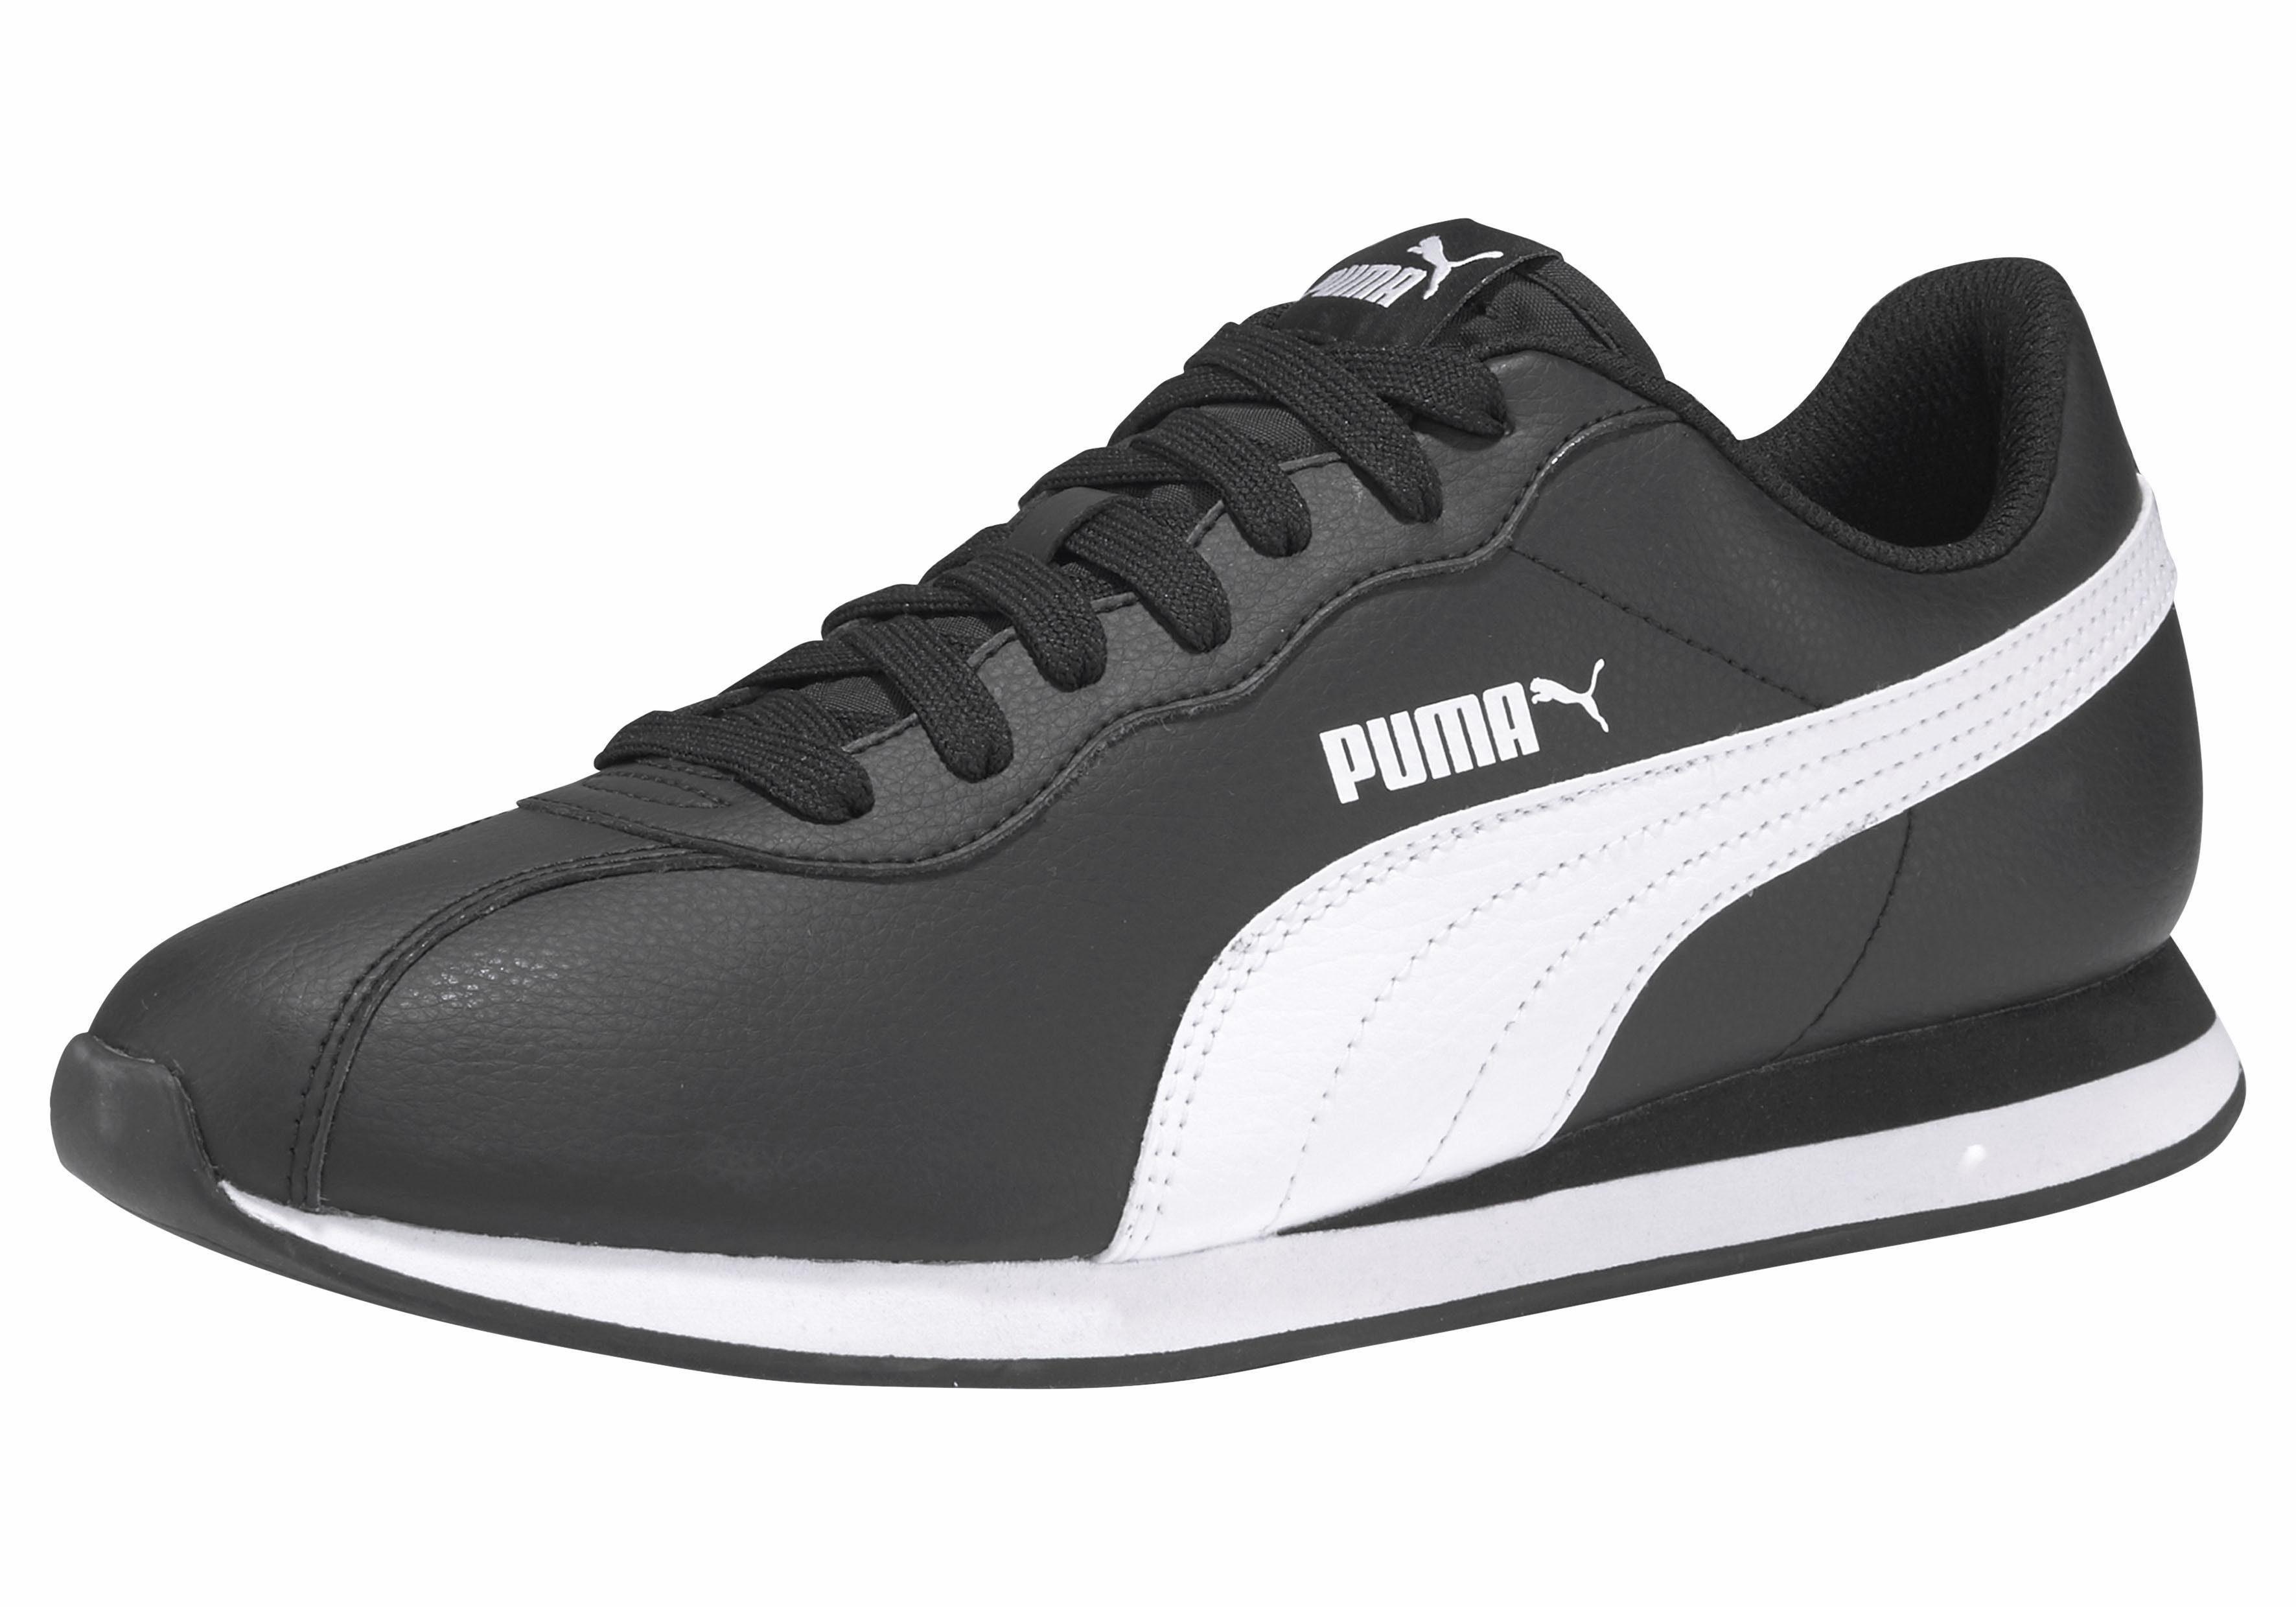 PUMA »Turin II« Sneaker, Pflegeleichtes Oberamterial aus Synthetik online kaufen | OTTO